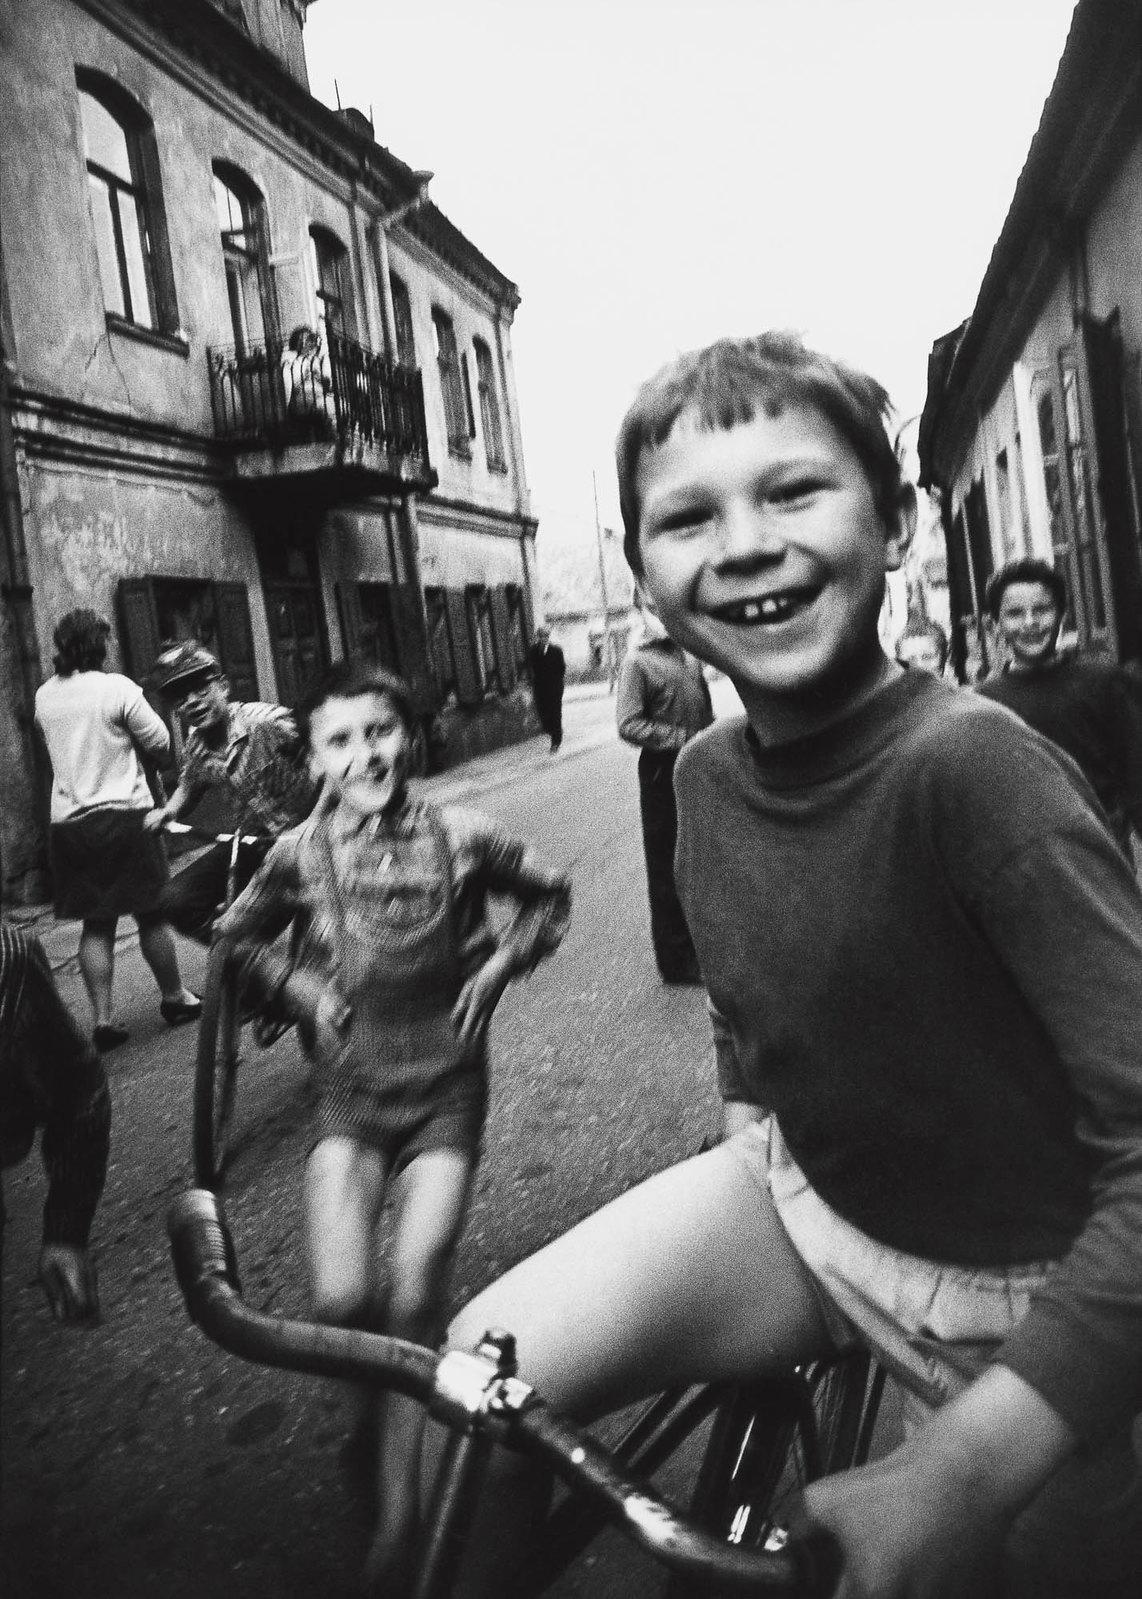 1970. Вильнюс. Мальчик в старом городе